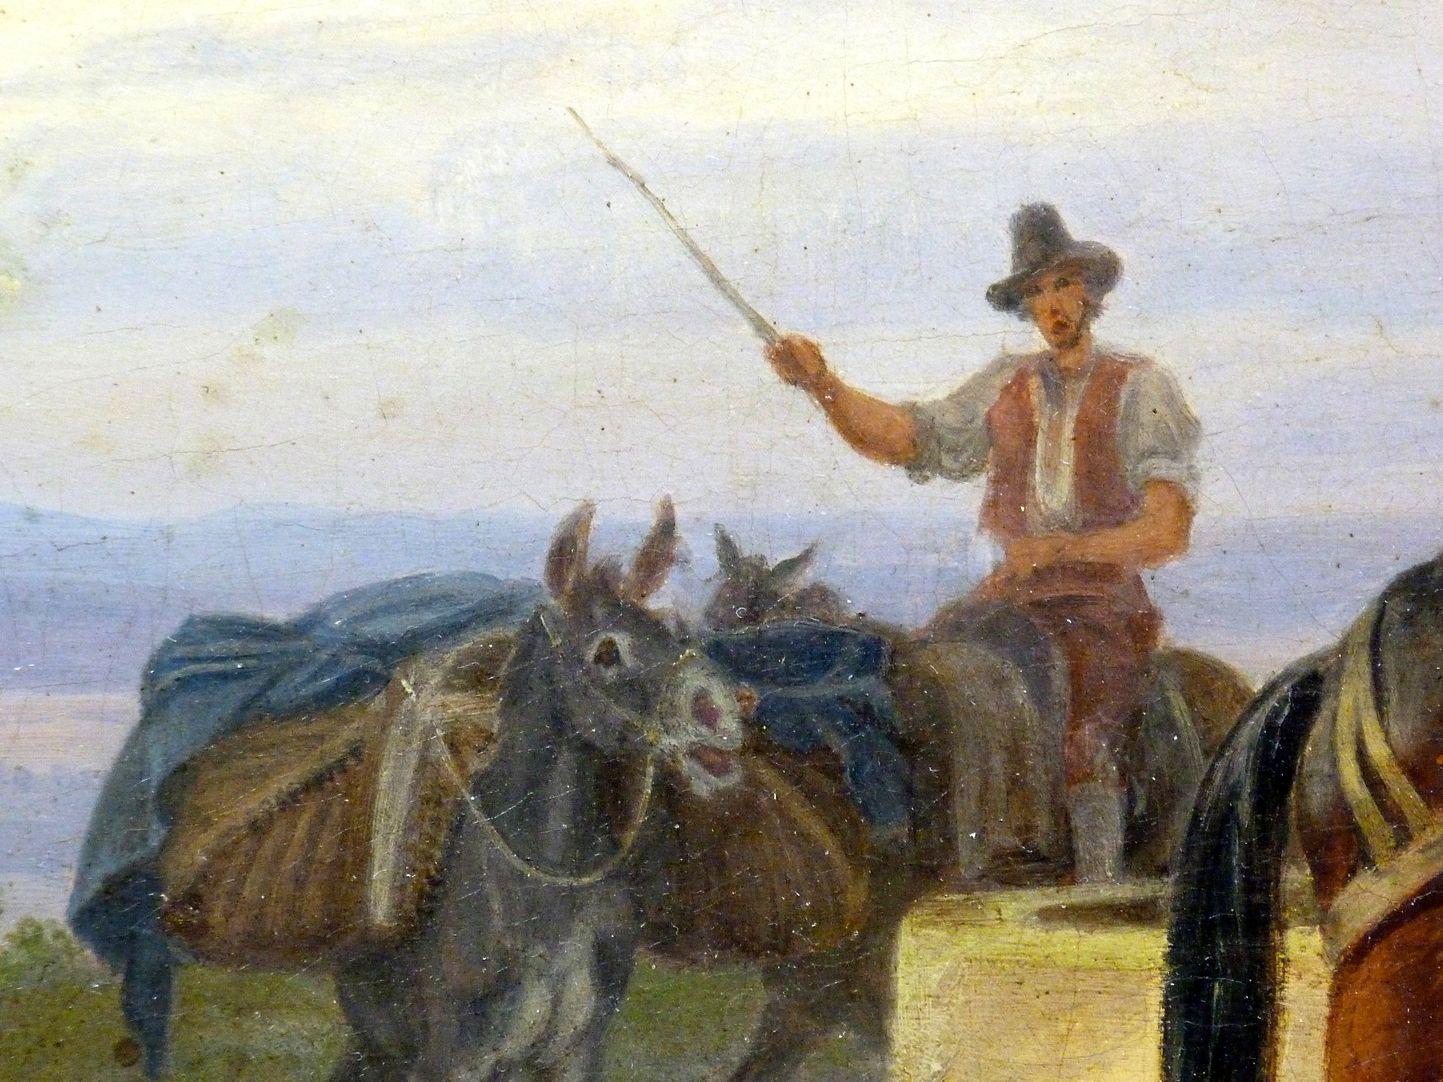 Römische Fuhrleute Detailansicht mit Fuhrmann und schreiendem Esel